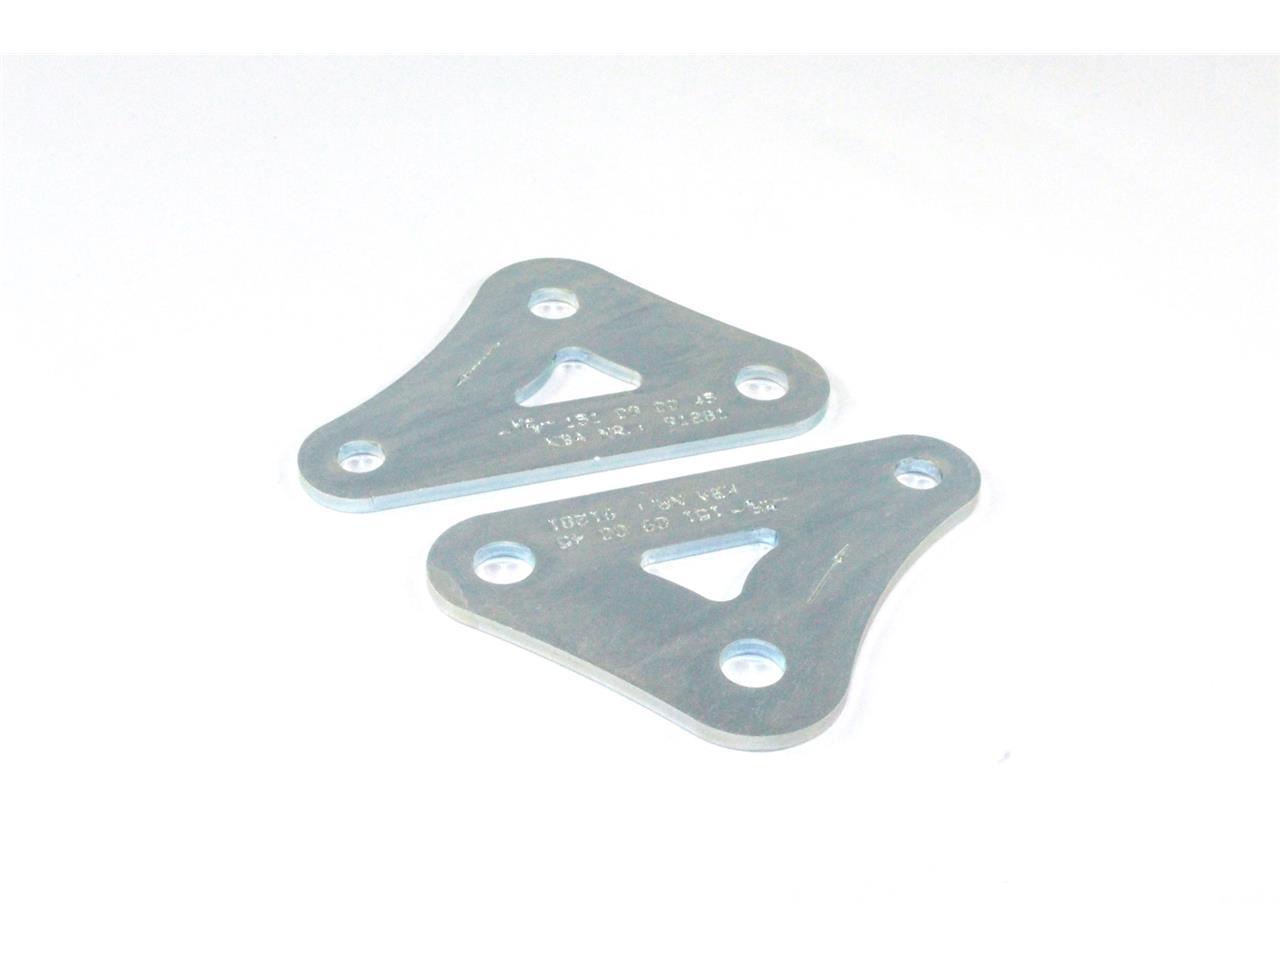 Kit rehausse de selle +35 mm Tecnium pour Suzuki DL1000 V-Strom 14-16